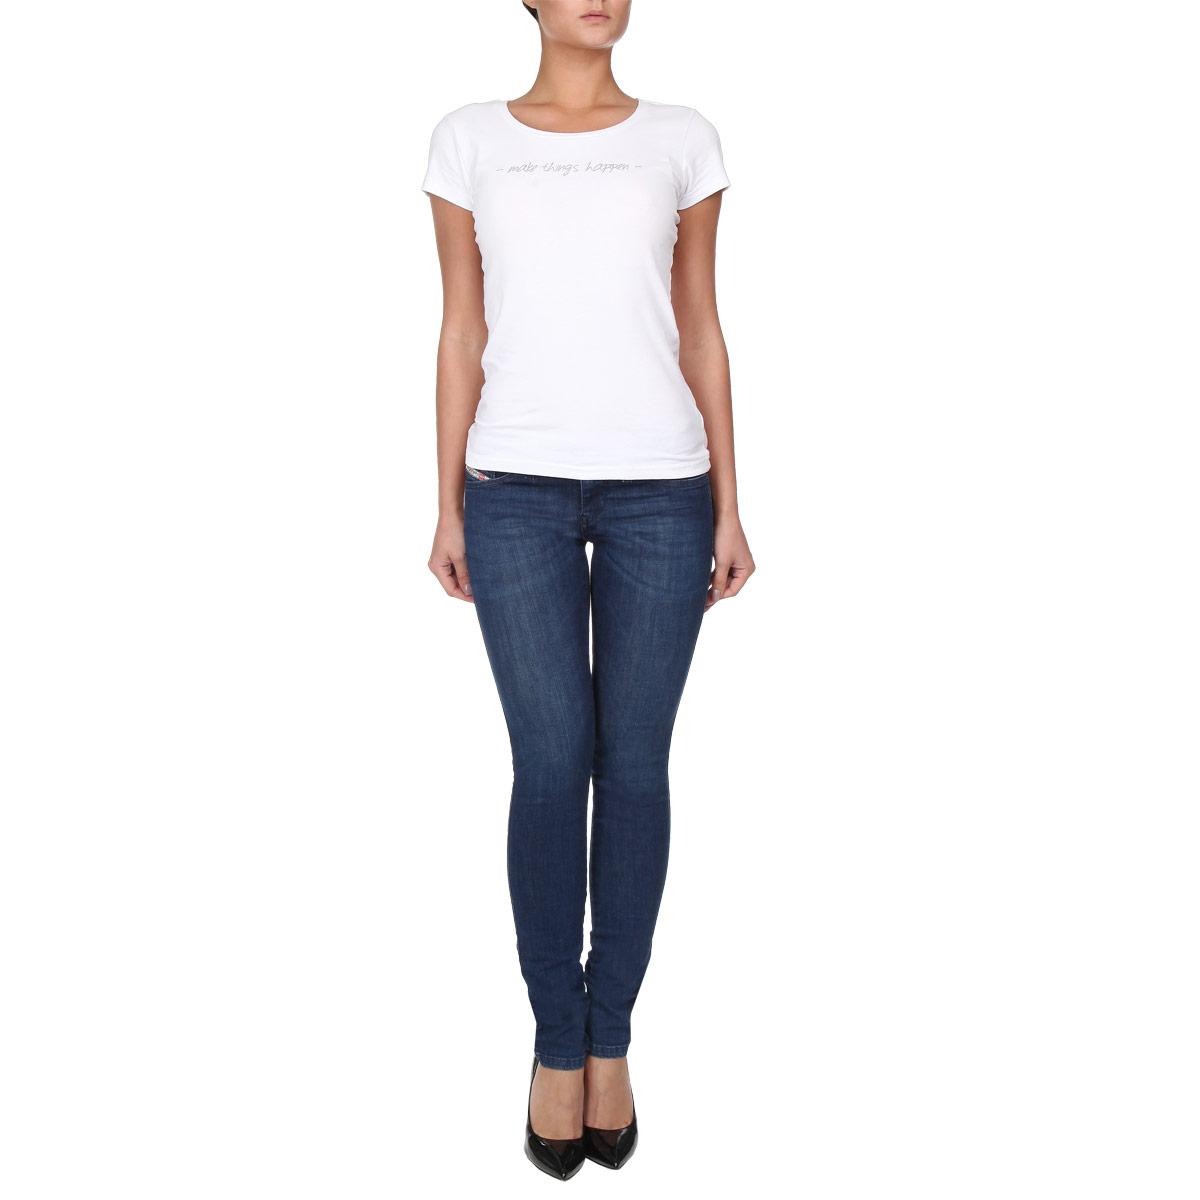 Джинсы женские. 00S54P-0843I00S54P-0843I/01Стильные женские джинсы Diesel - это джинсы высочайшего качества, которые прекрасно сидят. Они выполнены из высококачественного материала, который обеспечивает комфорт и удобство. Модель зауженного кроя и заниженной посадки станет отличным дополнением к вашему современному образу. Джинсы застегиваются на пуговицу в поясе и ширинку на застежке-молнии, имеются шлевки для ремня. Джинсы имеют классический пятикарманный крой: спереди модель оформлены двумя втачными карманами и одним маленьким накладным кармашком, а сзади - двумя накладными карманами. Эти модные и в тоже время комфортные джинсы послужат отличным дополнением к вашему гардеробу.